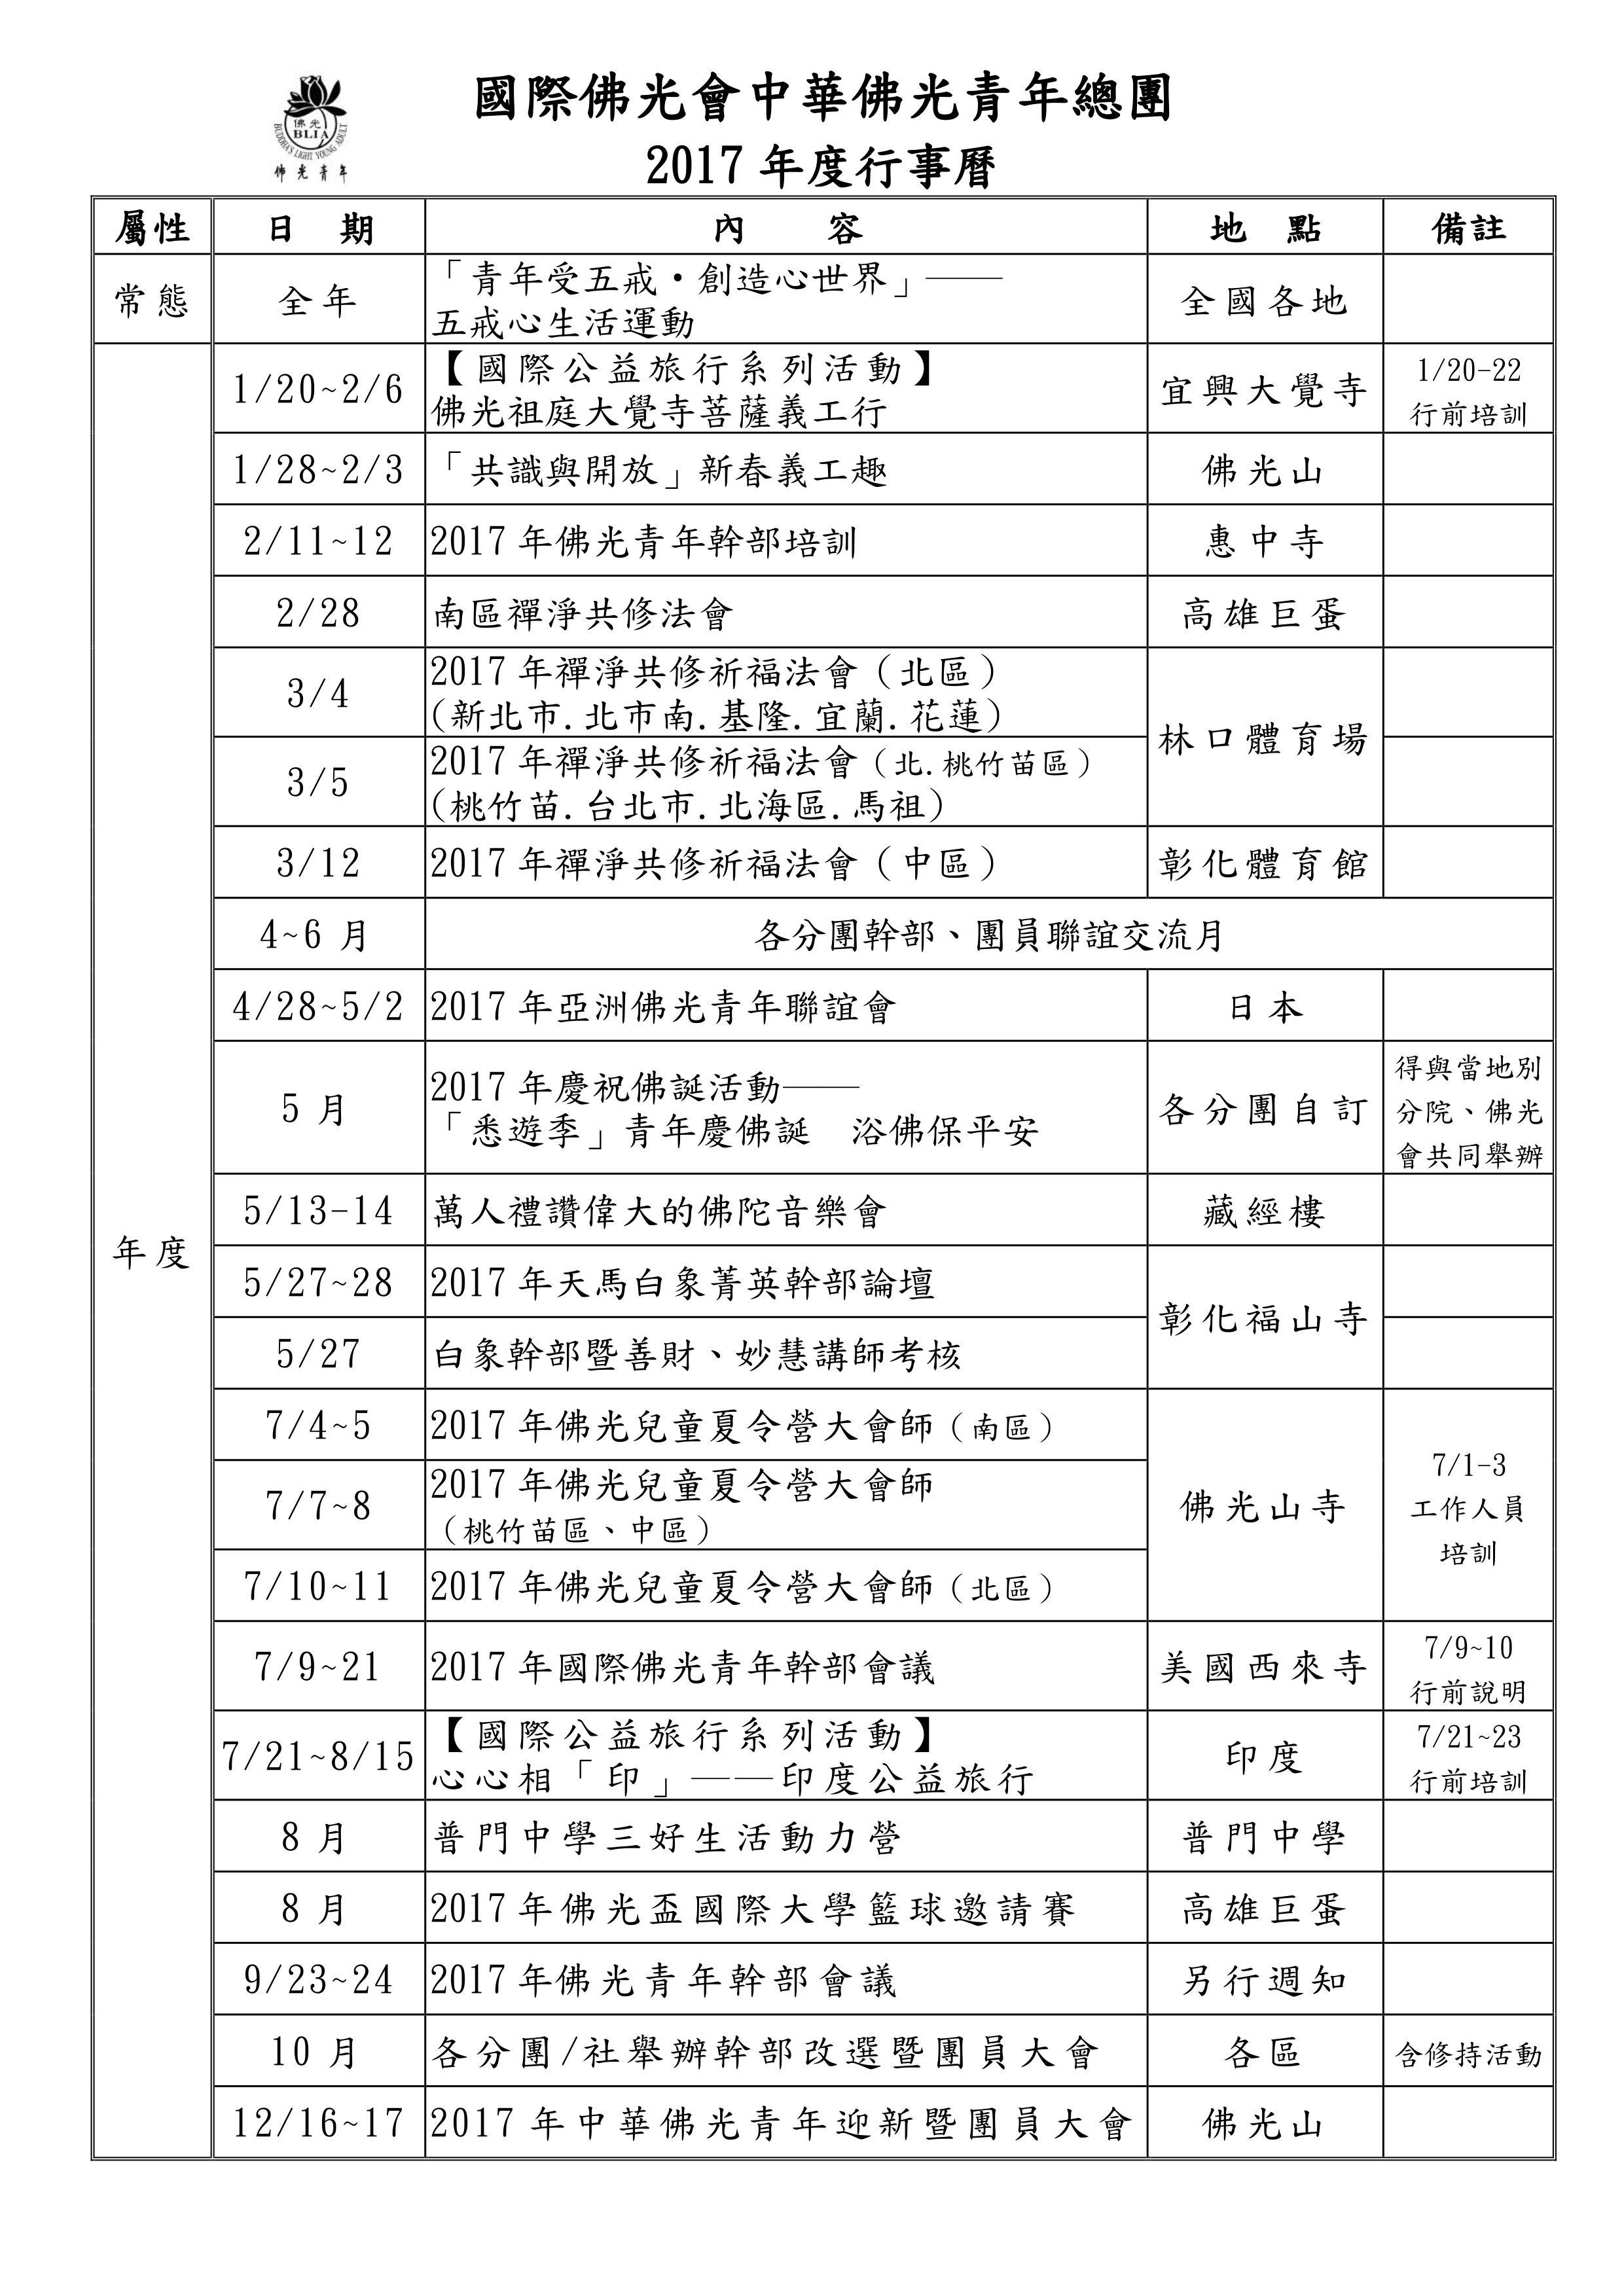 2017年行事曆